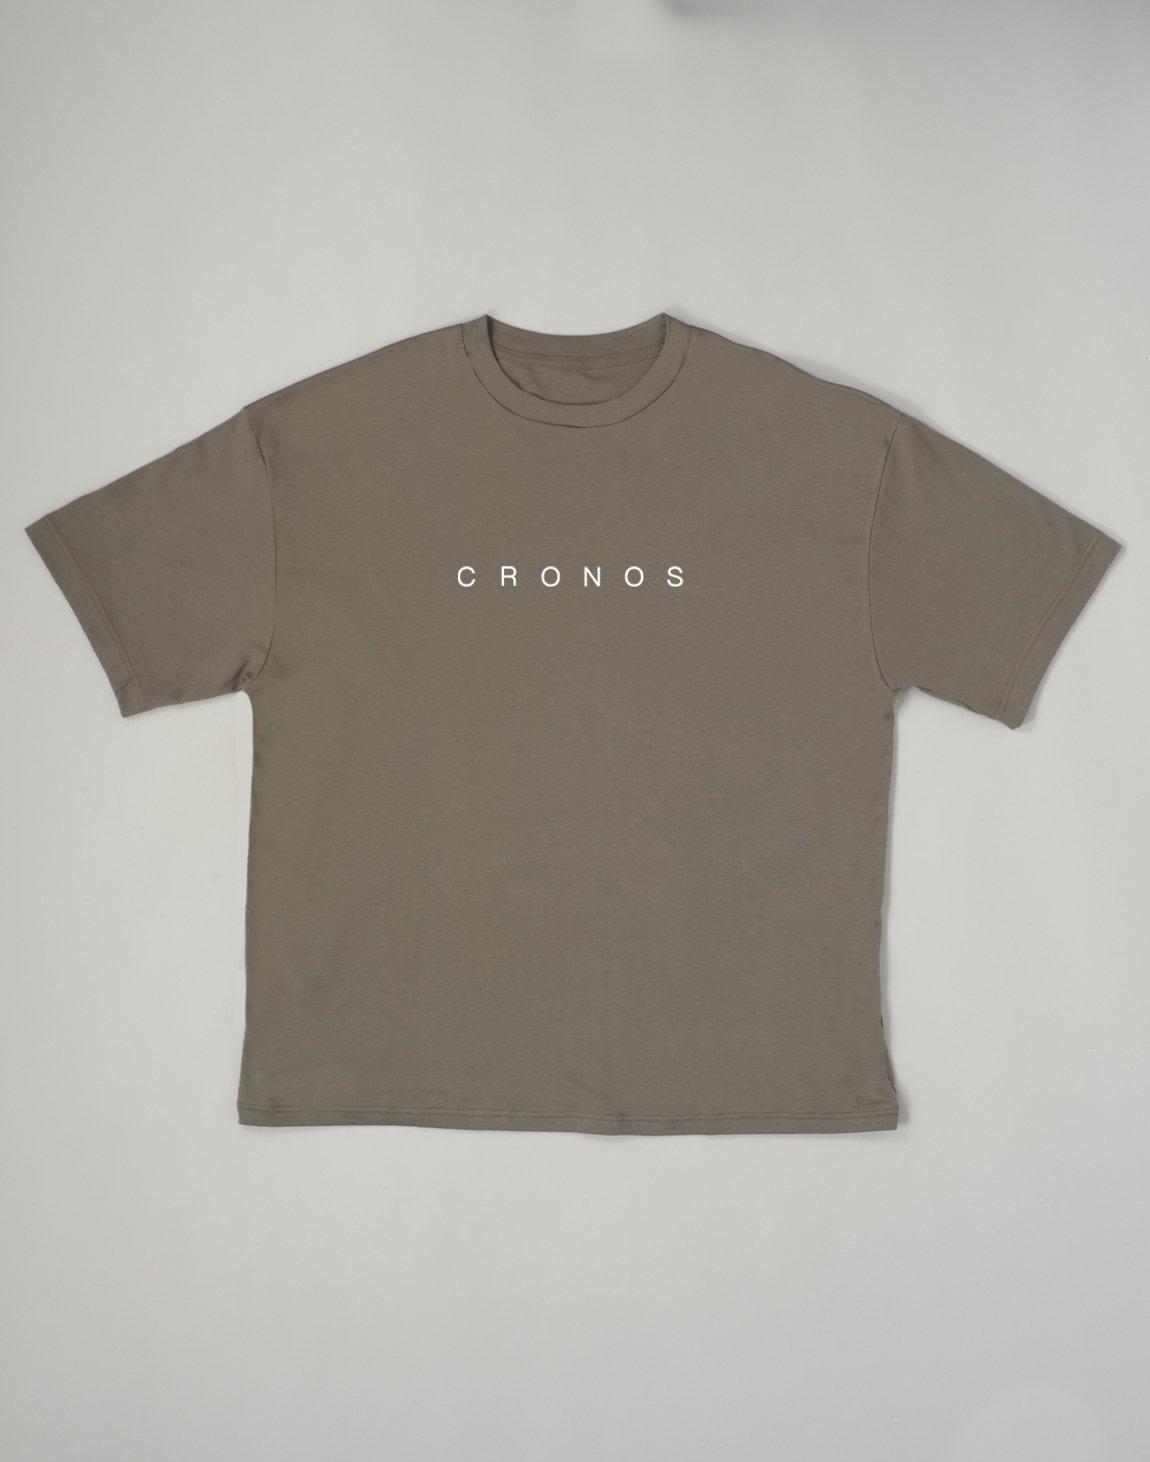 CRONOS NEW FONT LOGO OVER SIZE T-SHIRTS【KHAKI】